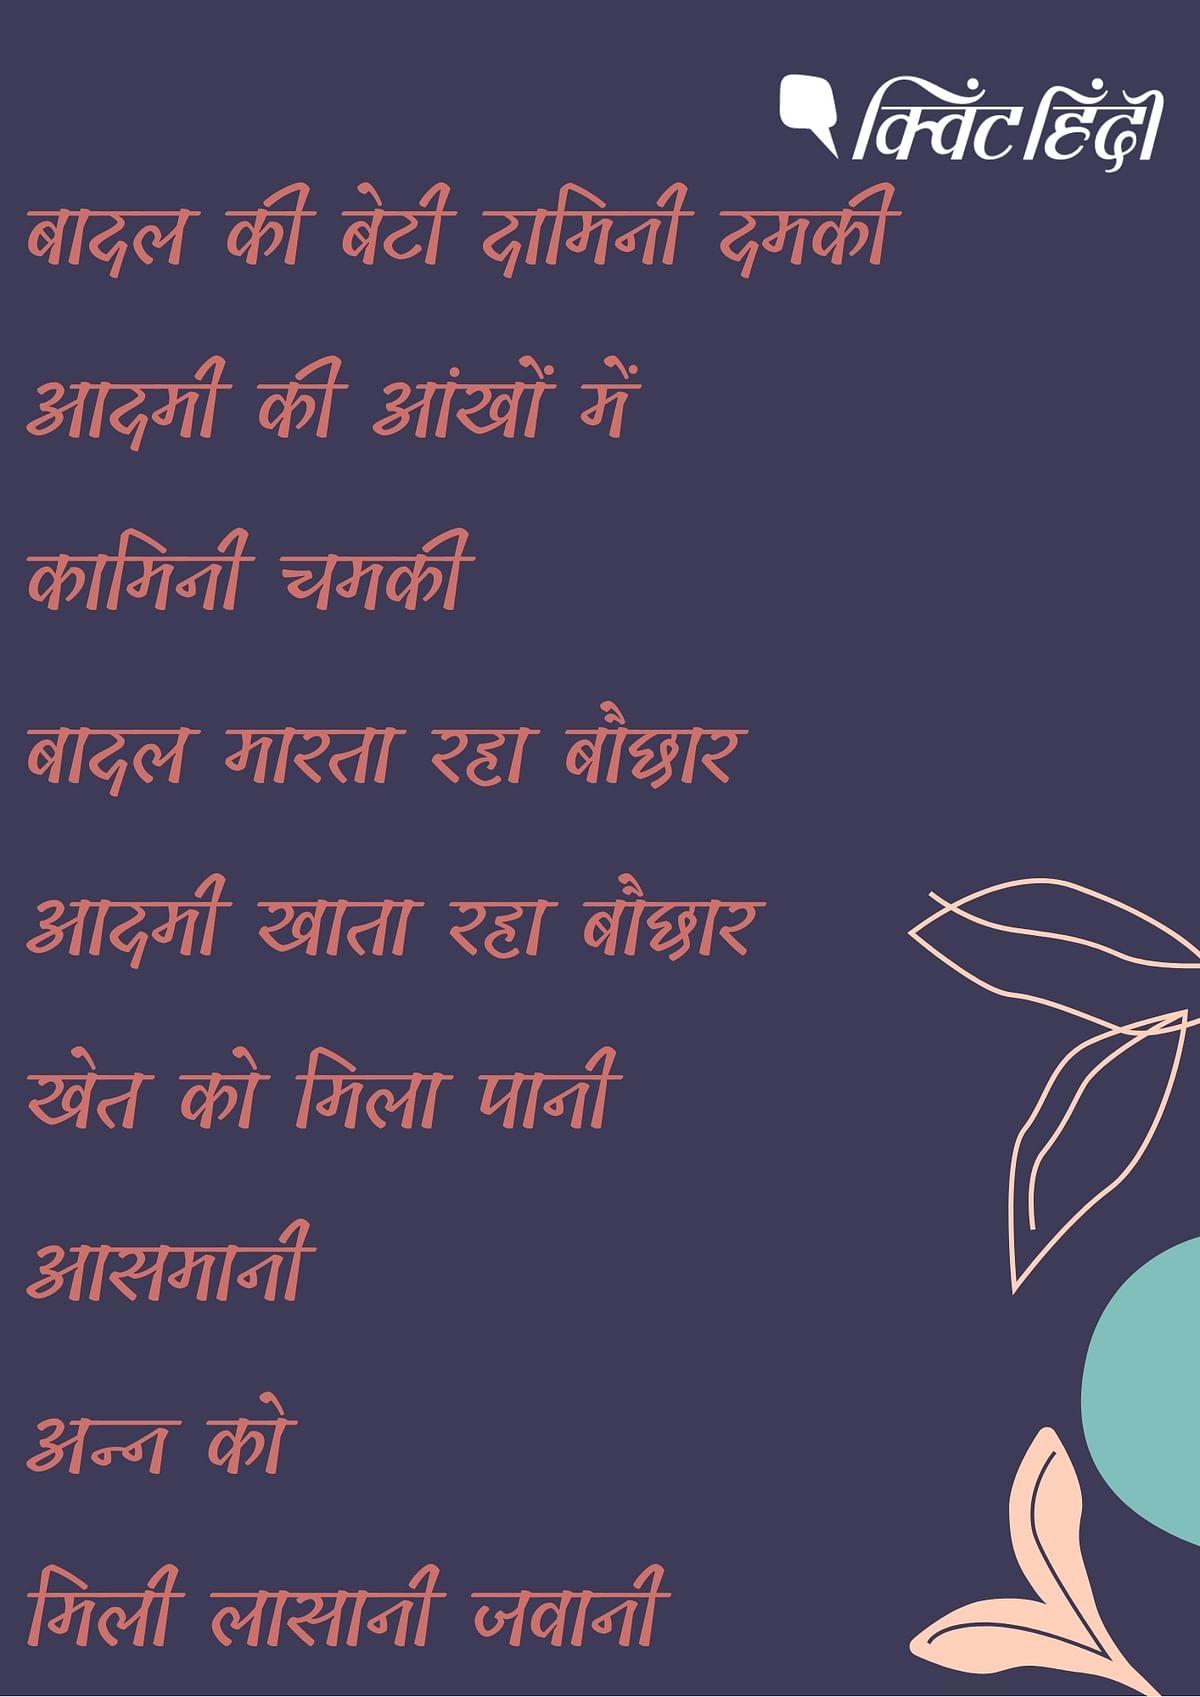 केदारनाथ अग्रवाल: किसान को चाहने वाला अनोखा कवि